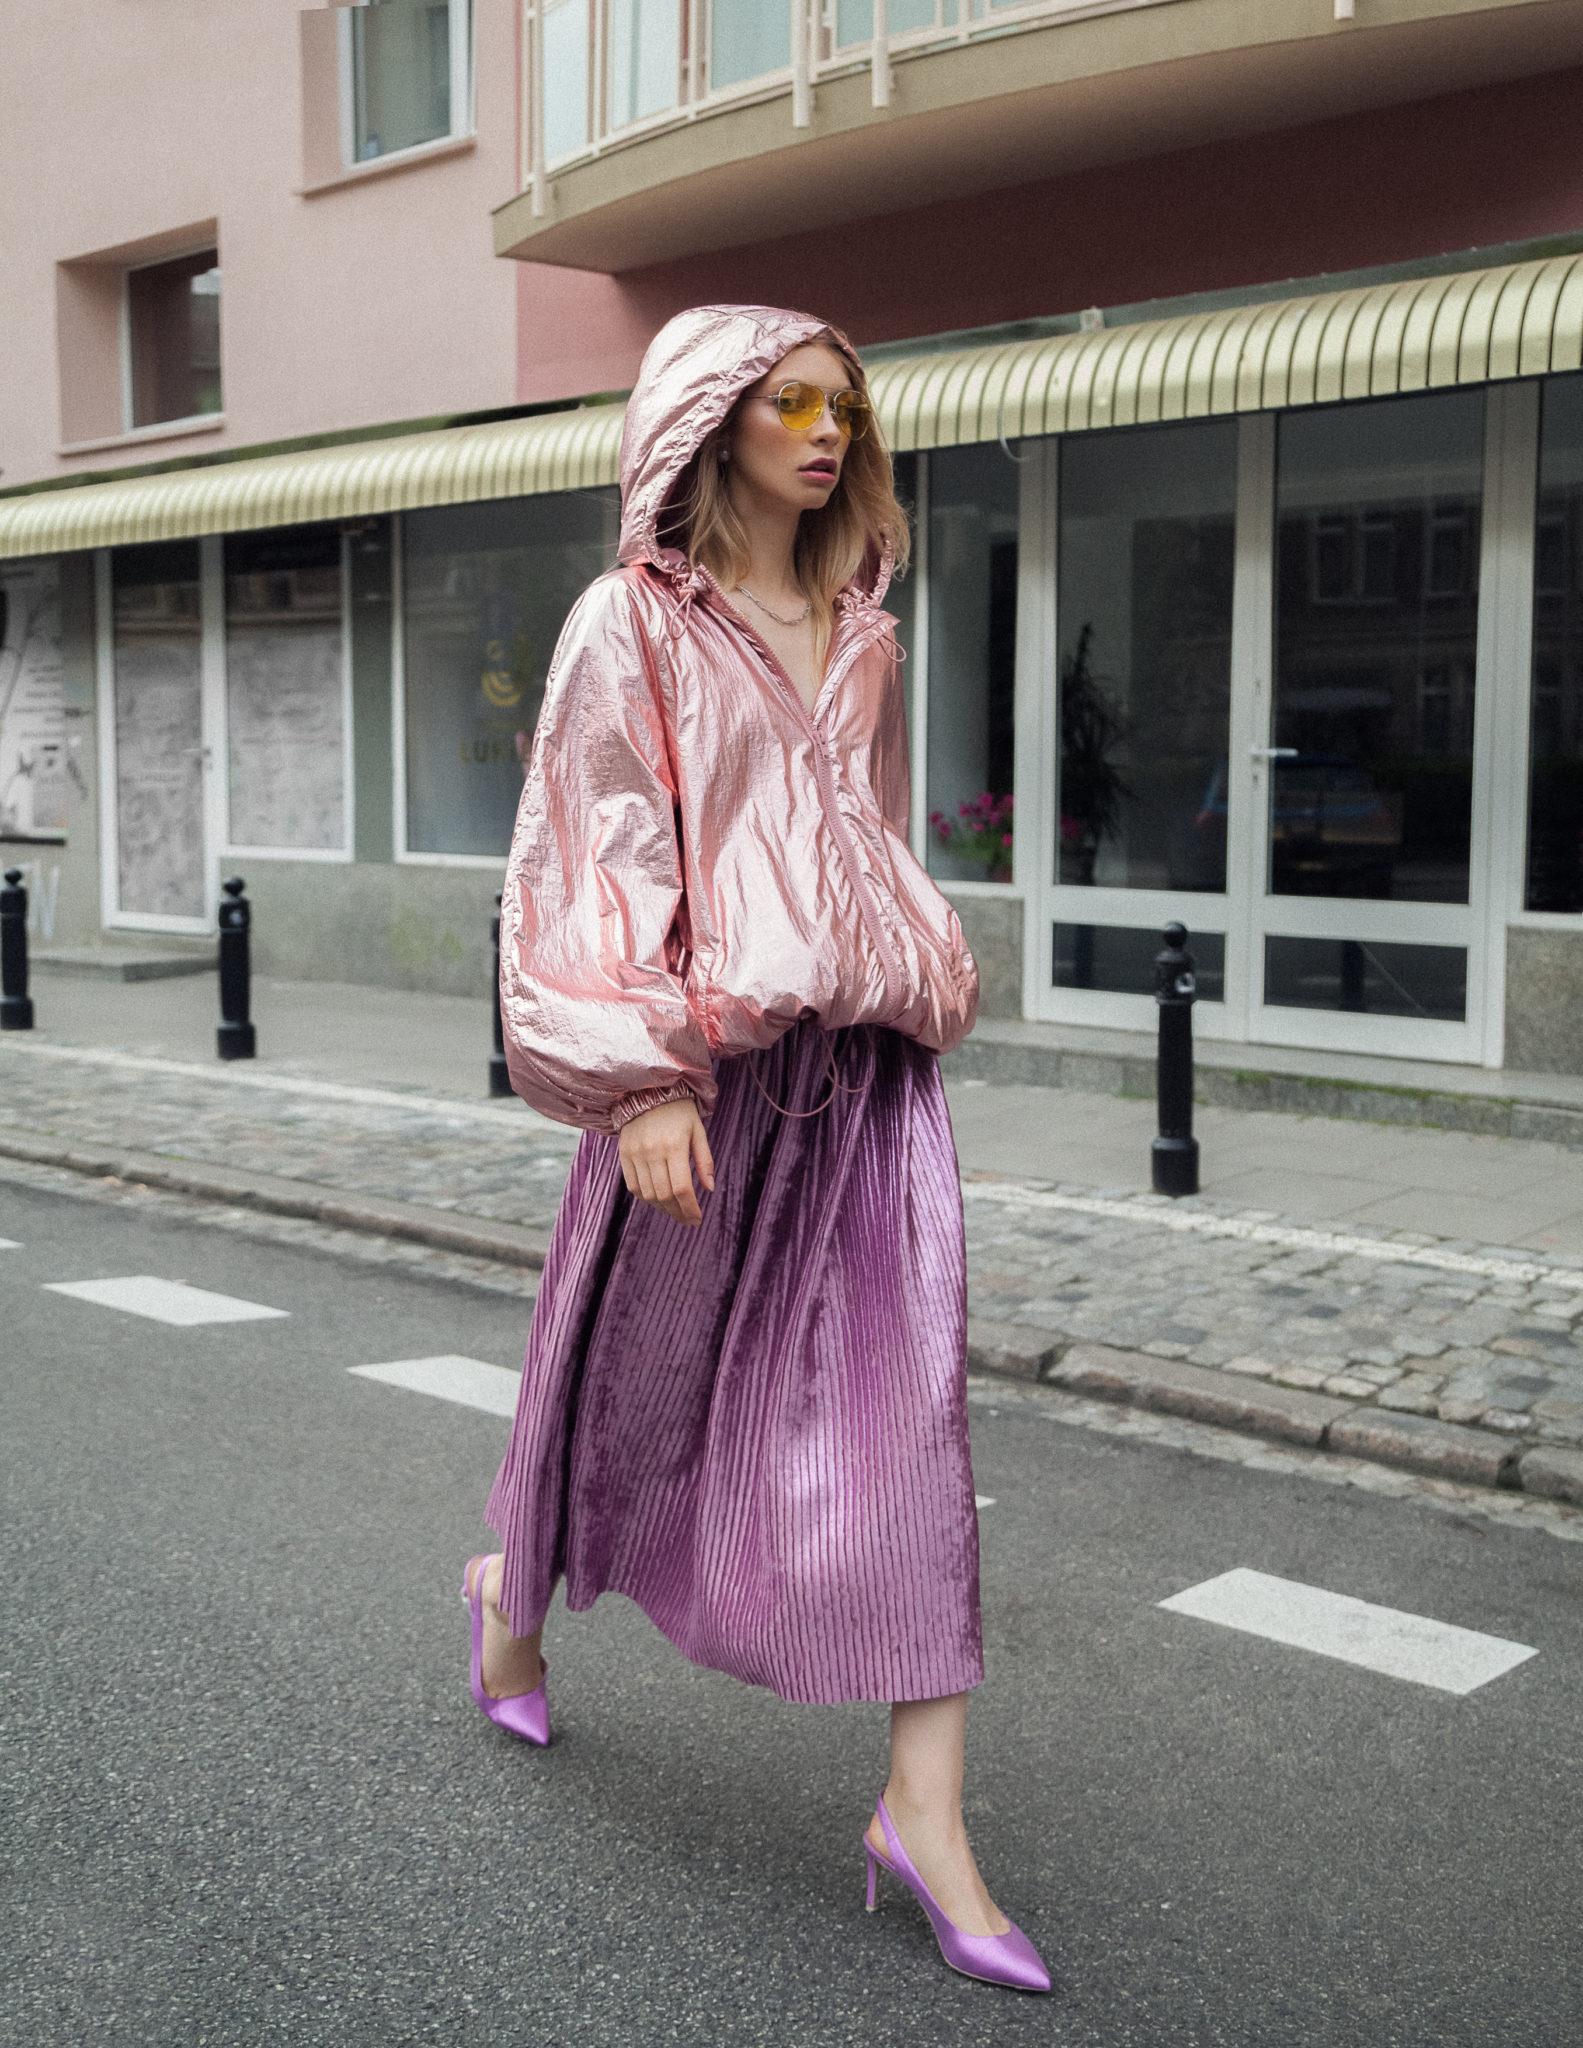 Zdjęcie dziewczyny w fioletowej spódnicy i różowej kurtce